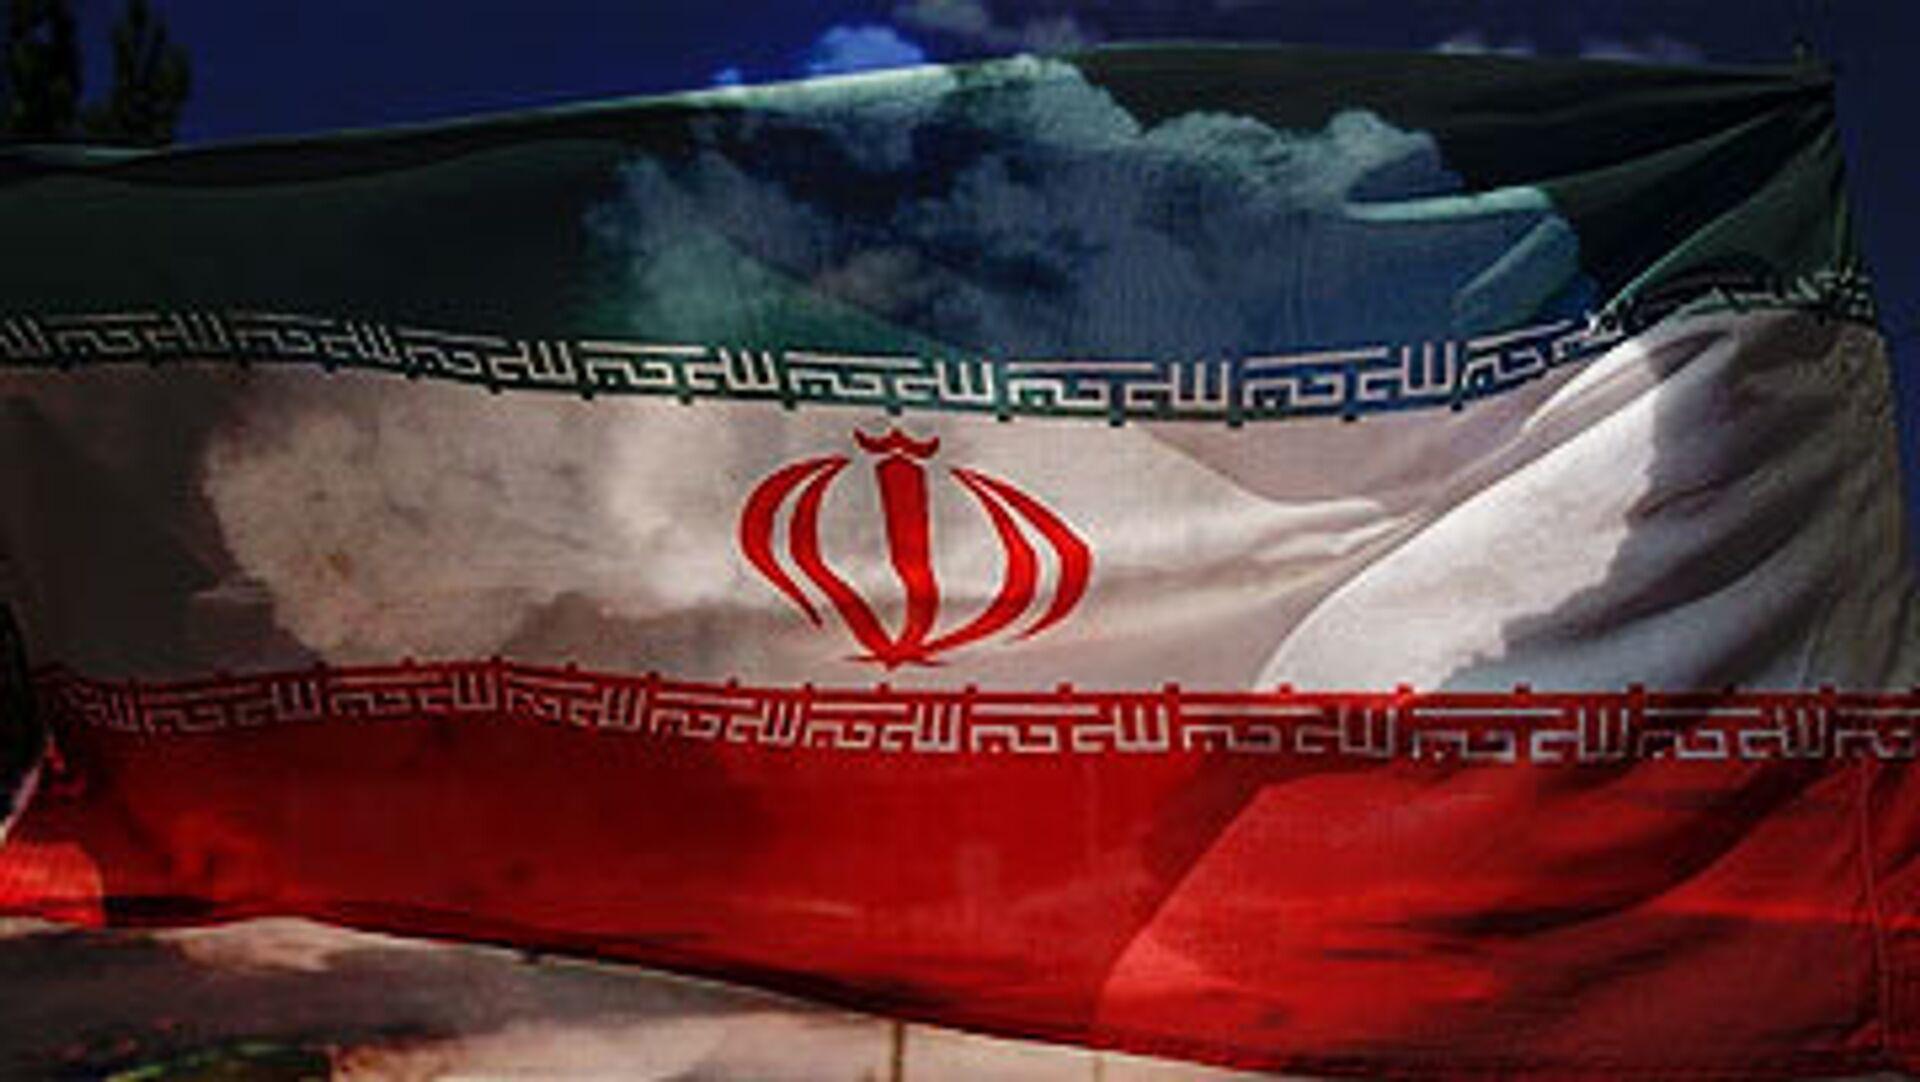 Иранское ядерное оружие - РИА Новости, 1920, 04.01.2021